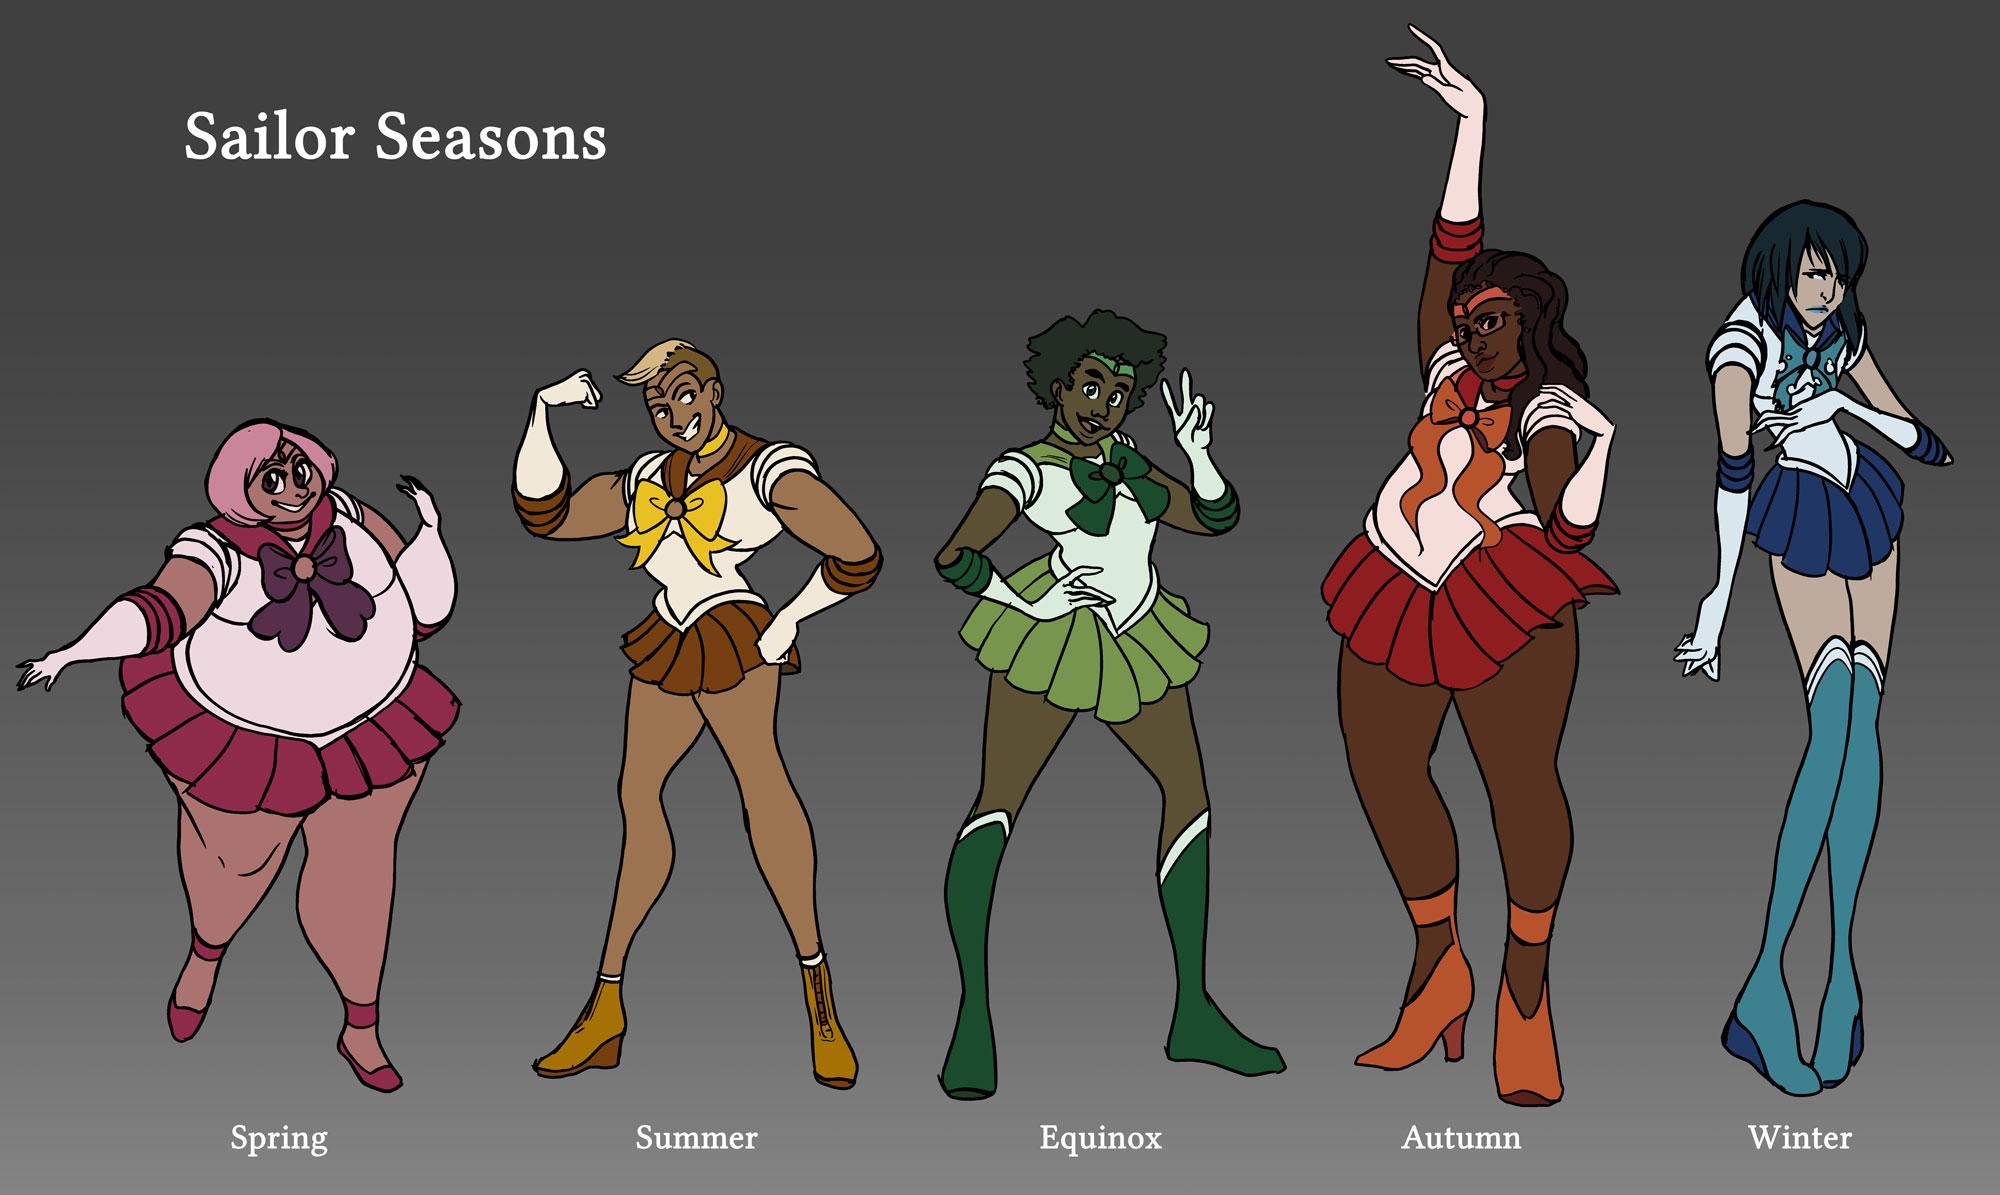 sailor-seasons3.jpg